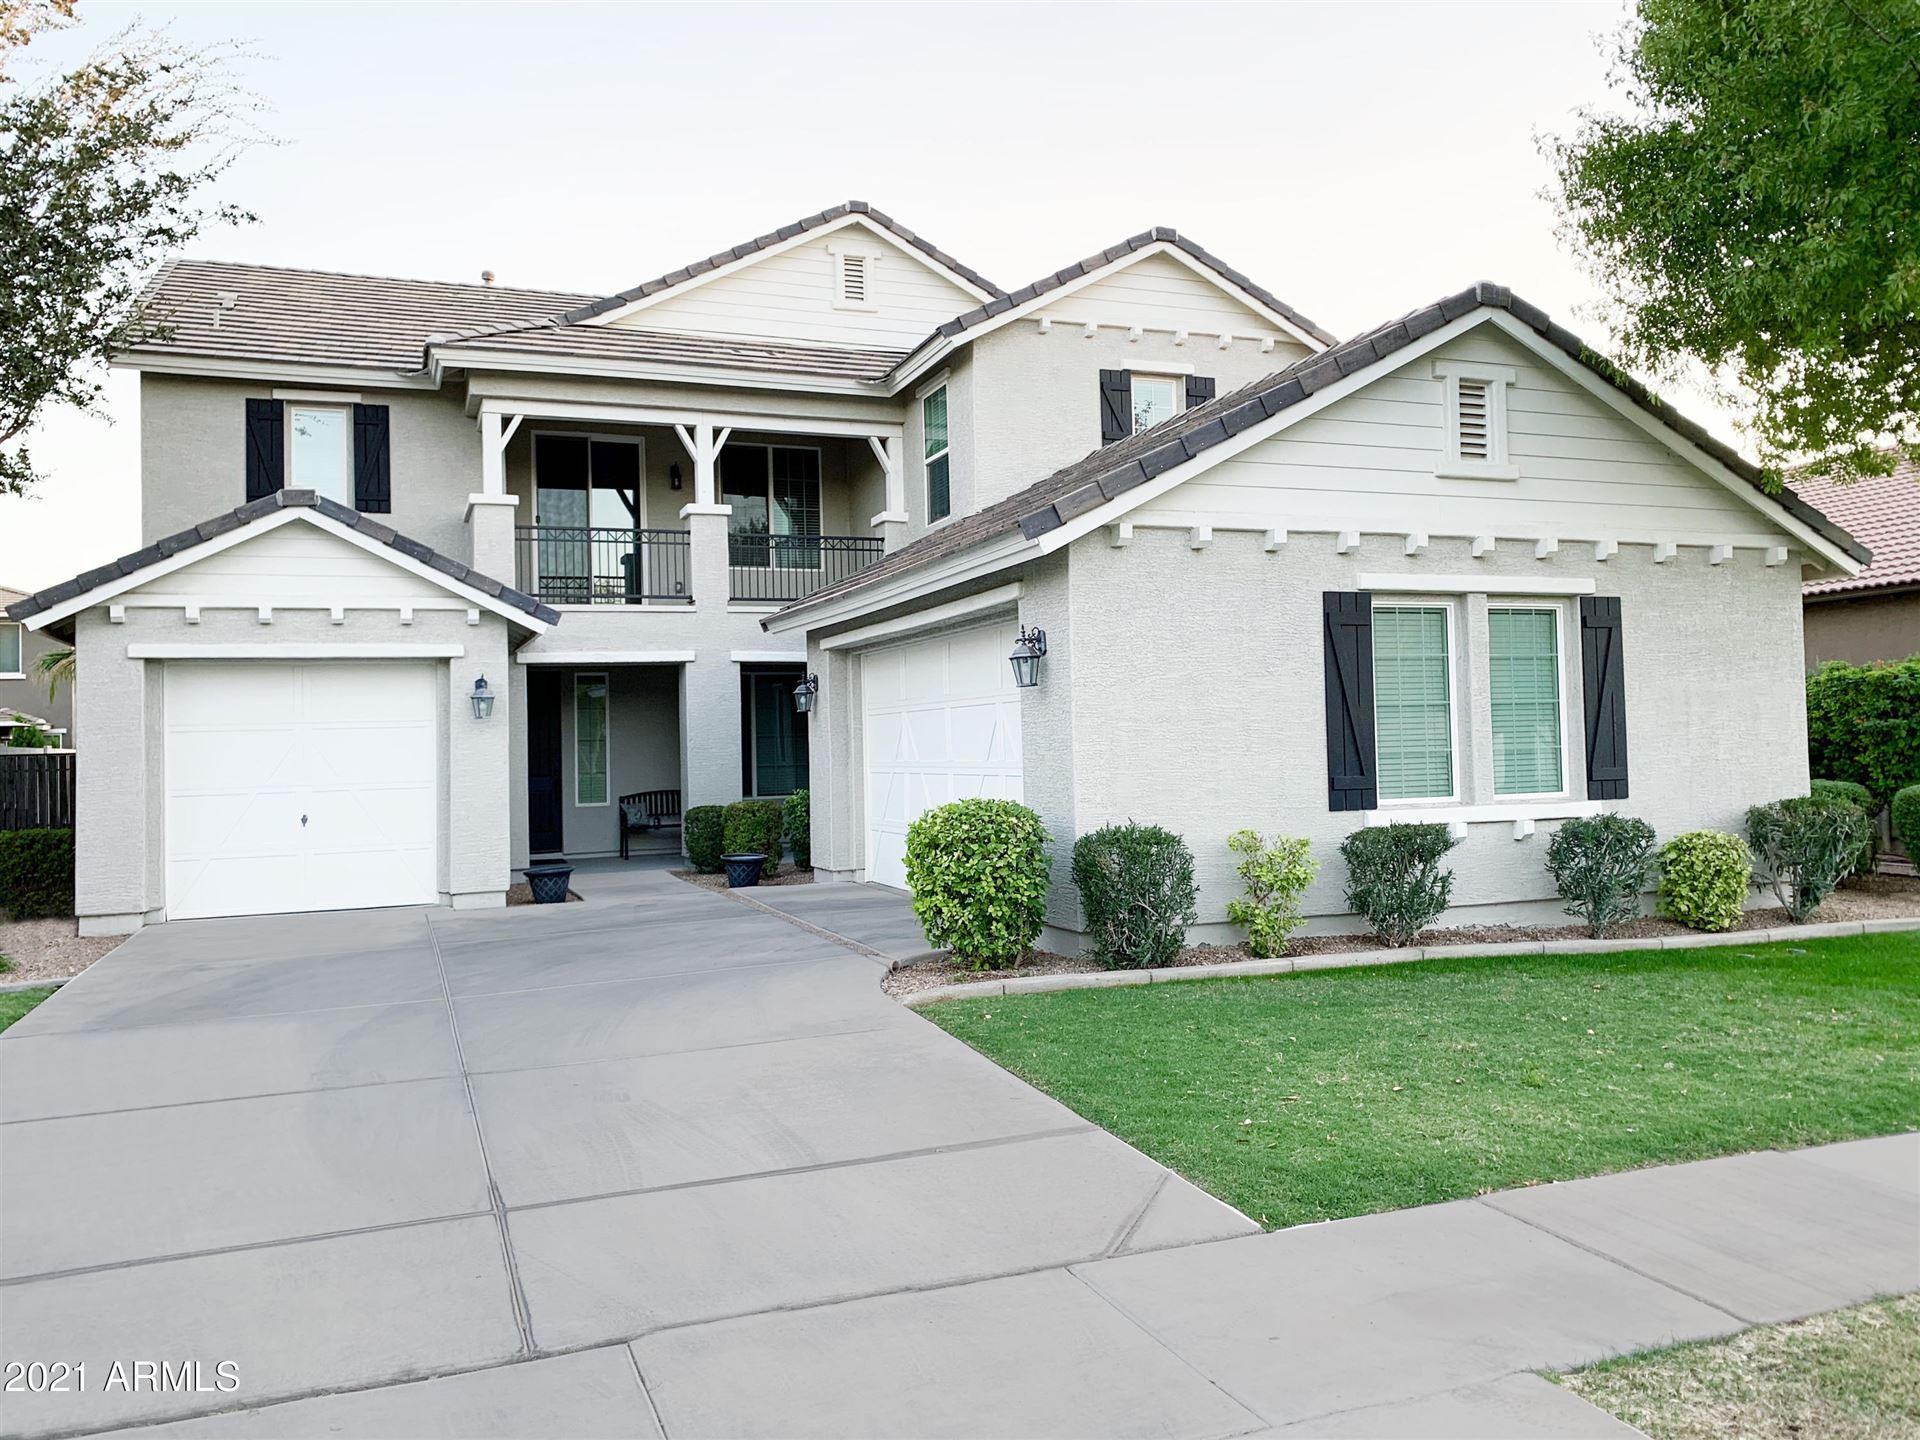 3731 E PALO VERDE Street, Gilbert, AZ 85296 - MLS#: 6273332